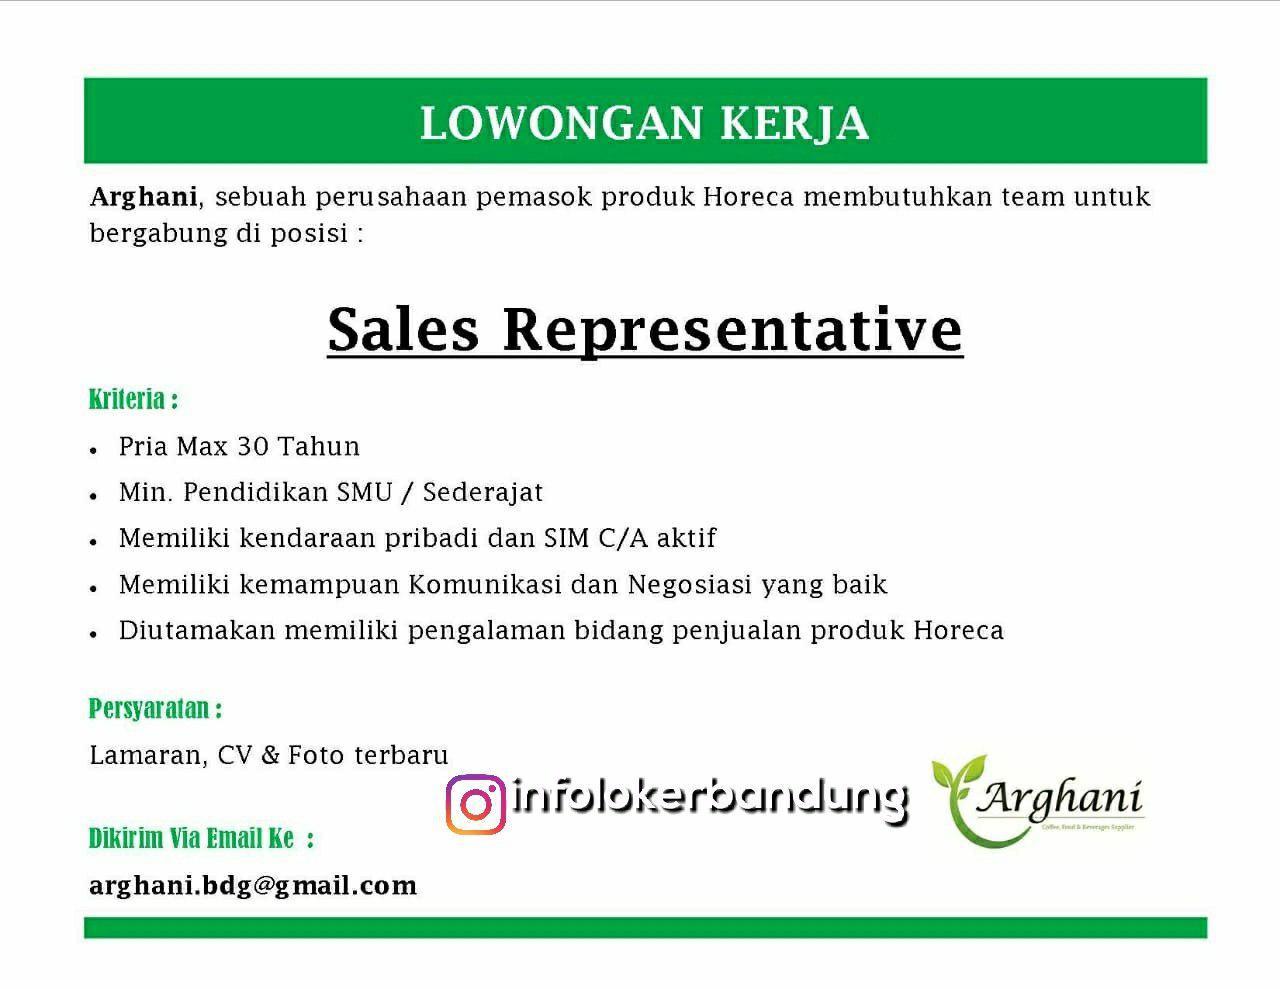 Lowongan Kerja Sales Representative Arghani Bandung Juli 2018